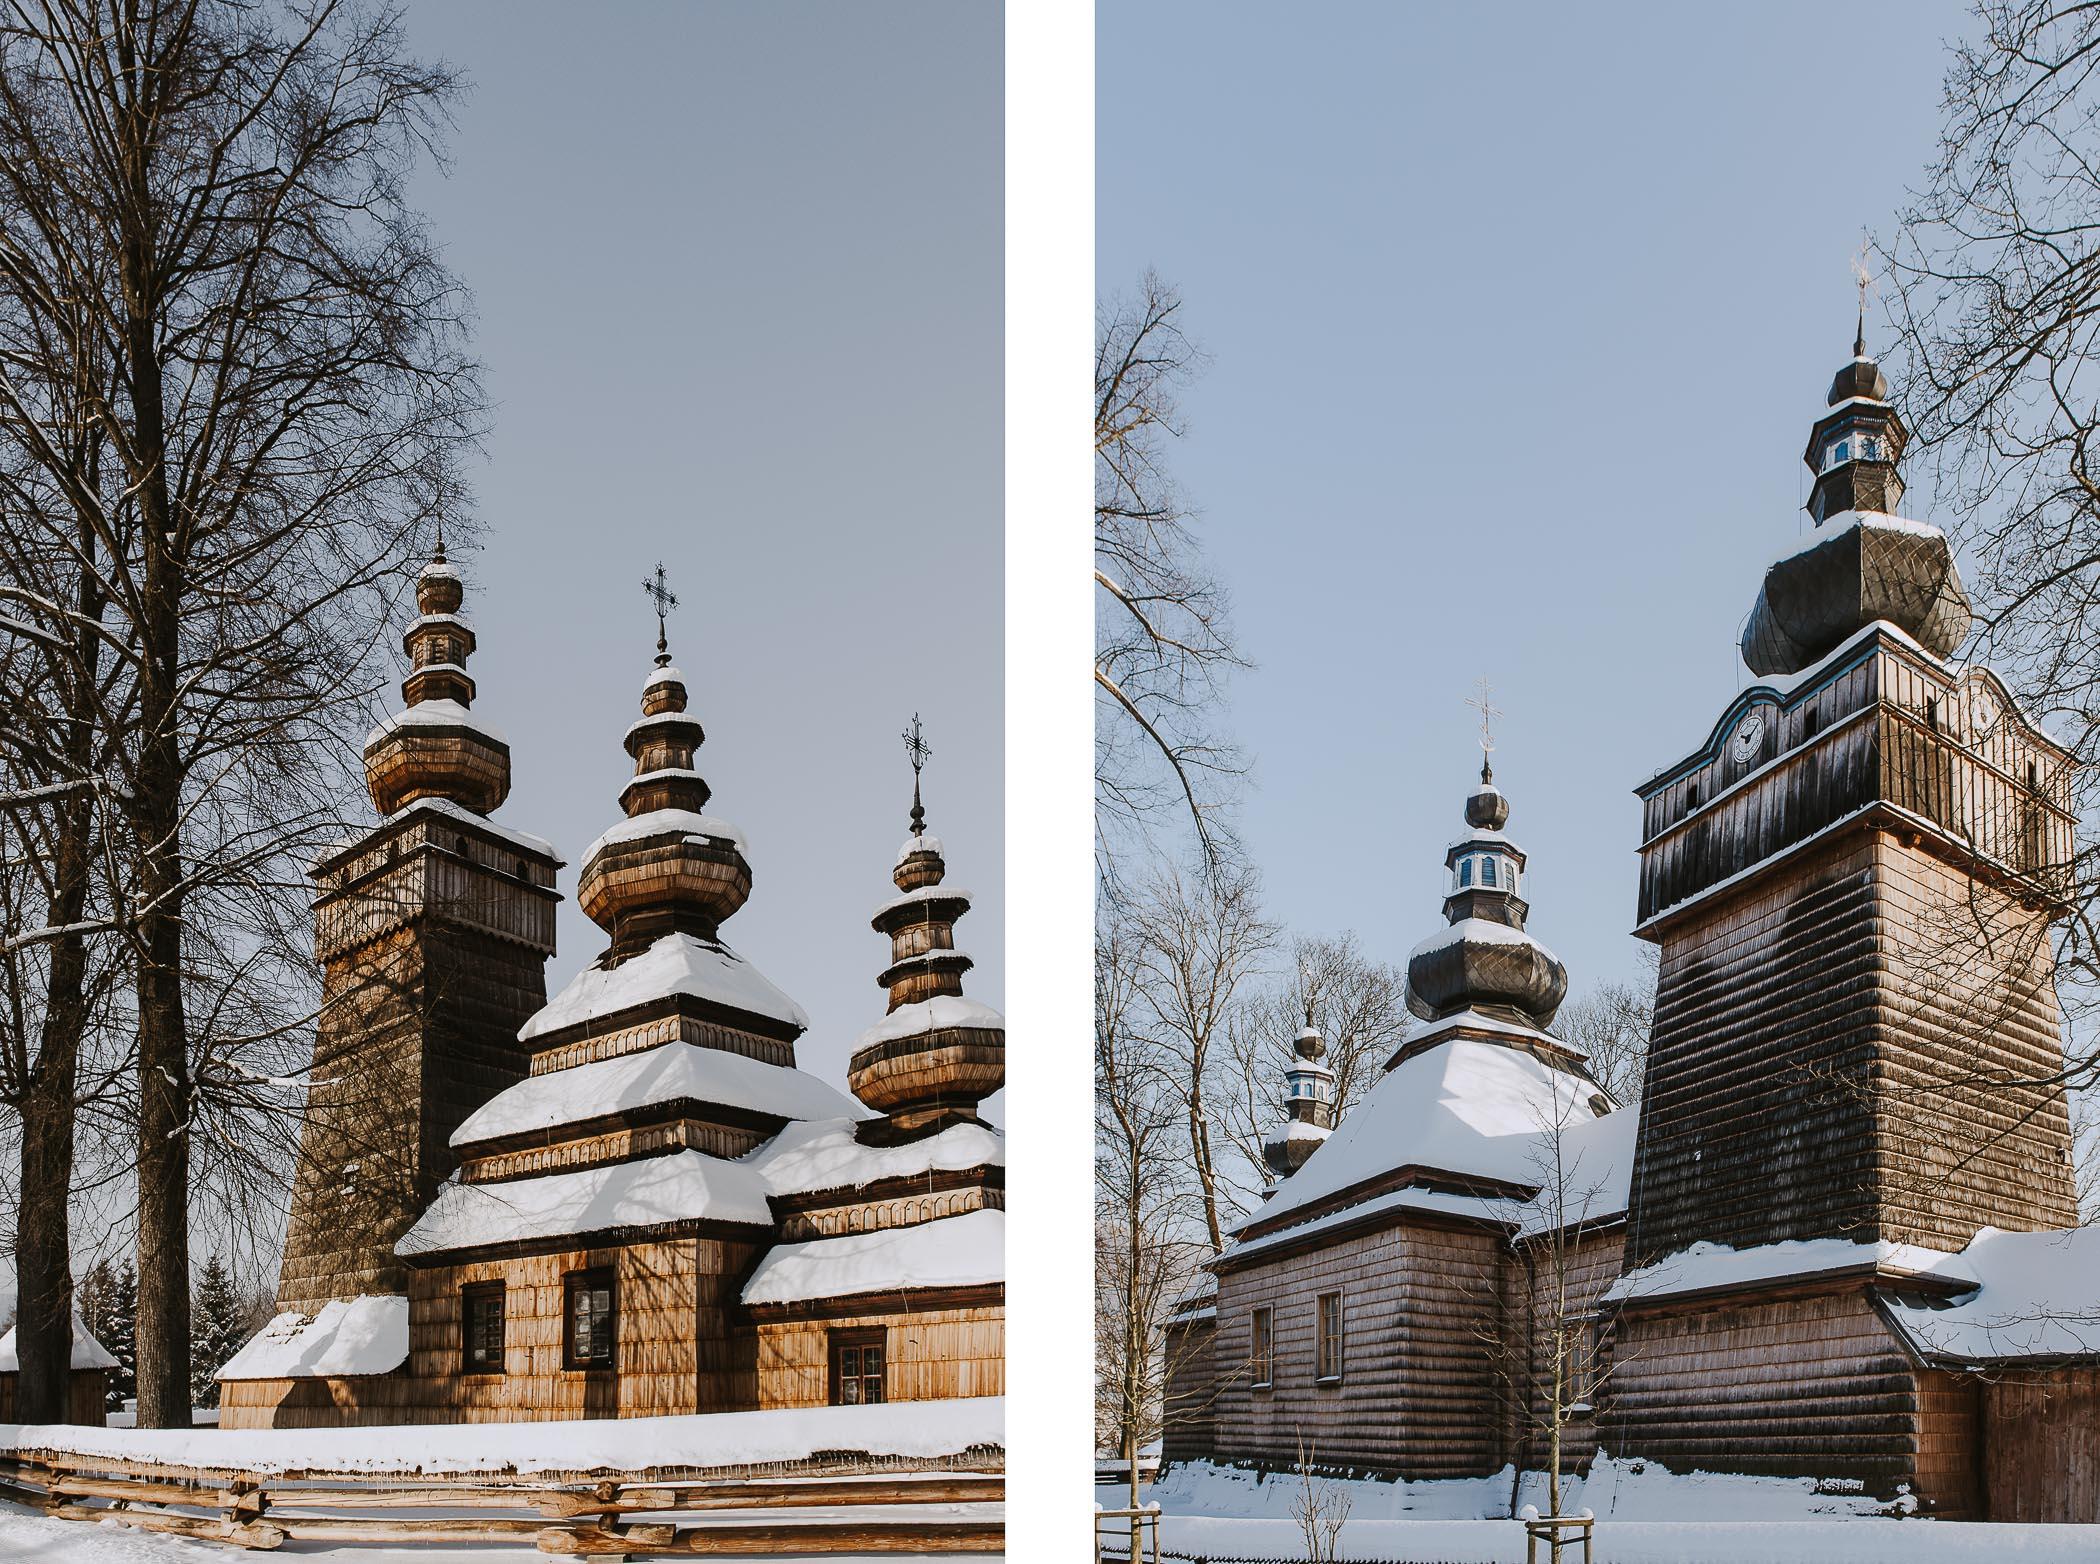 Beskid Niski zimą w3 dni – atrakcje cerkwie